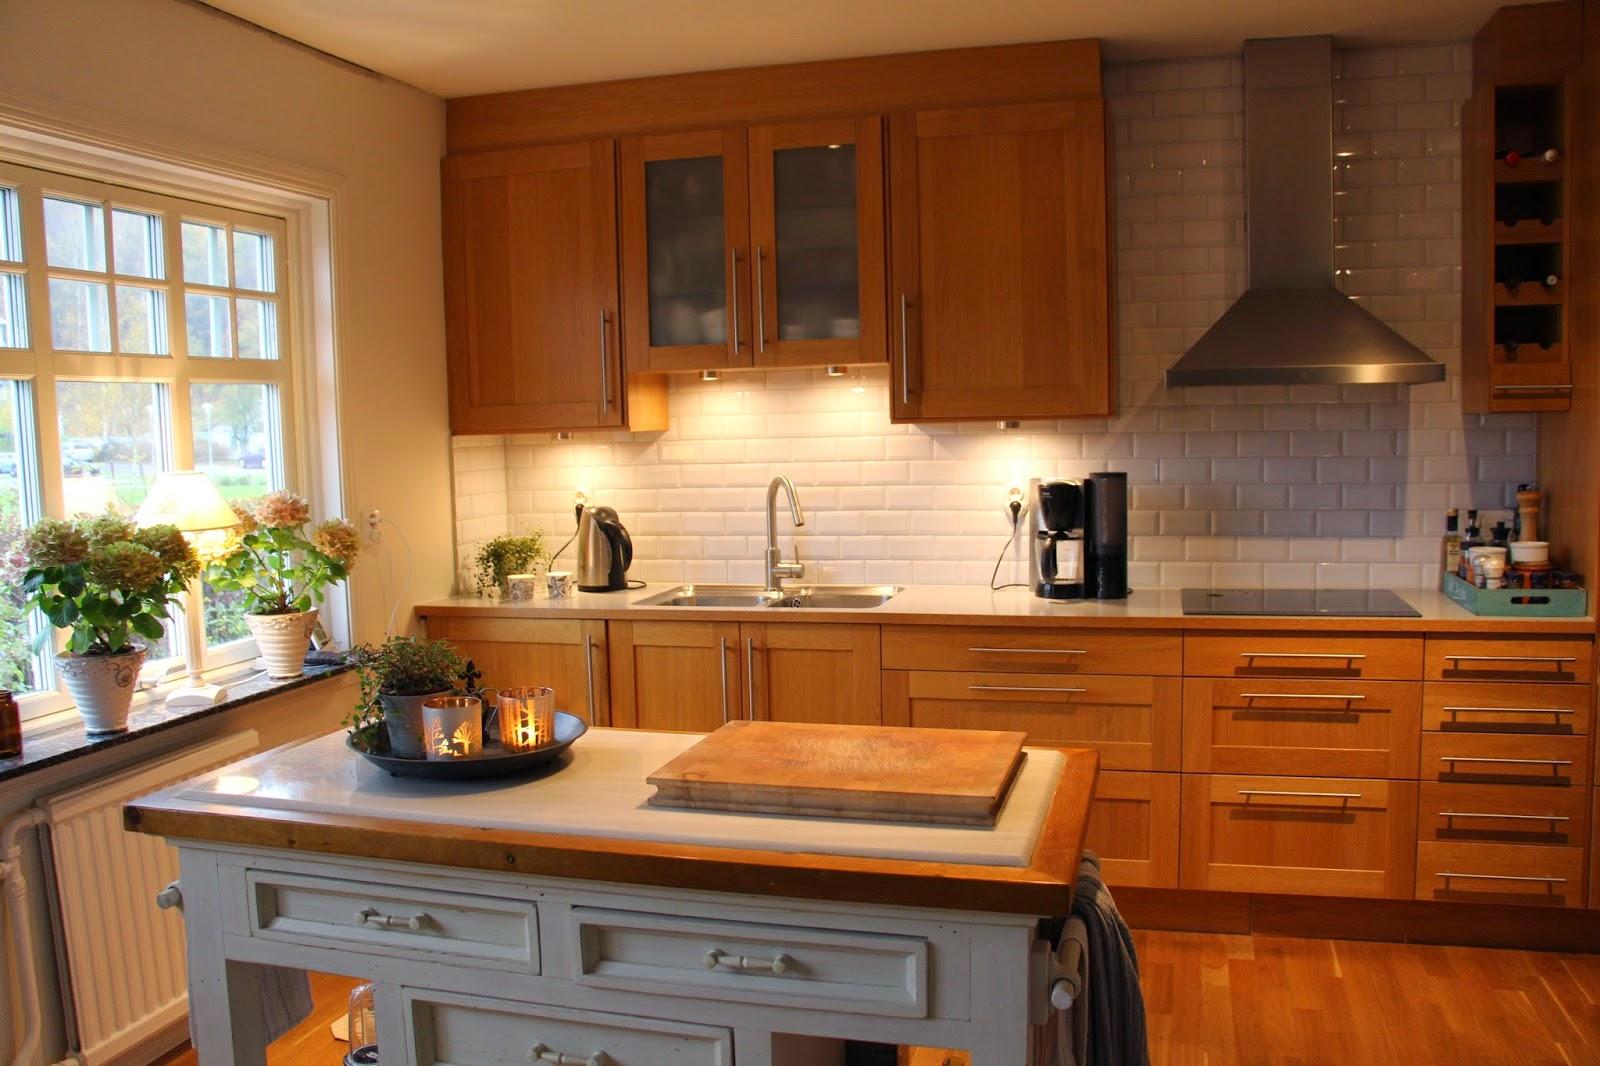 Sabelhagens olivlund : snart är köket historia